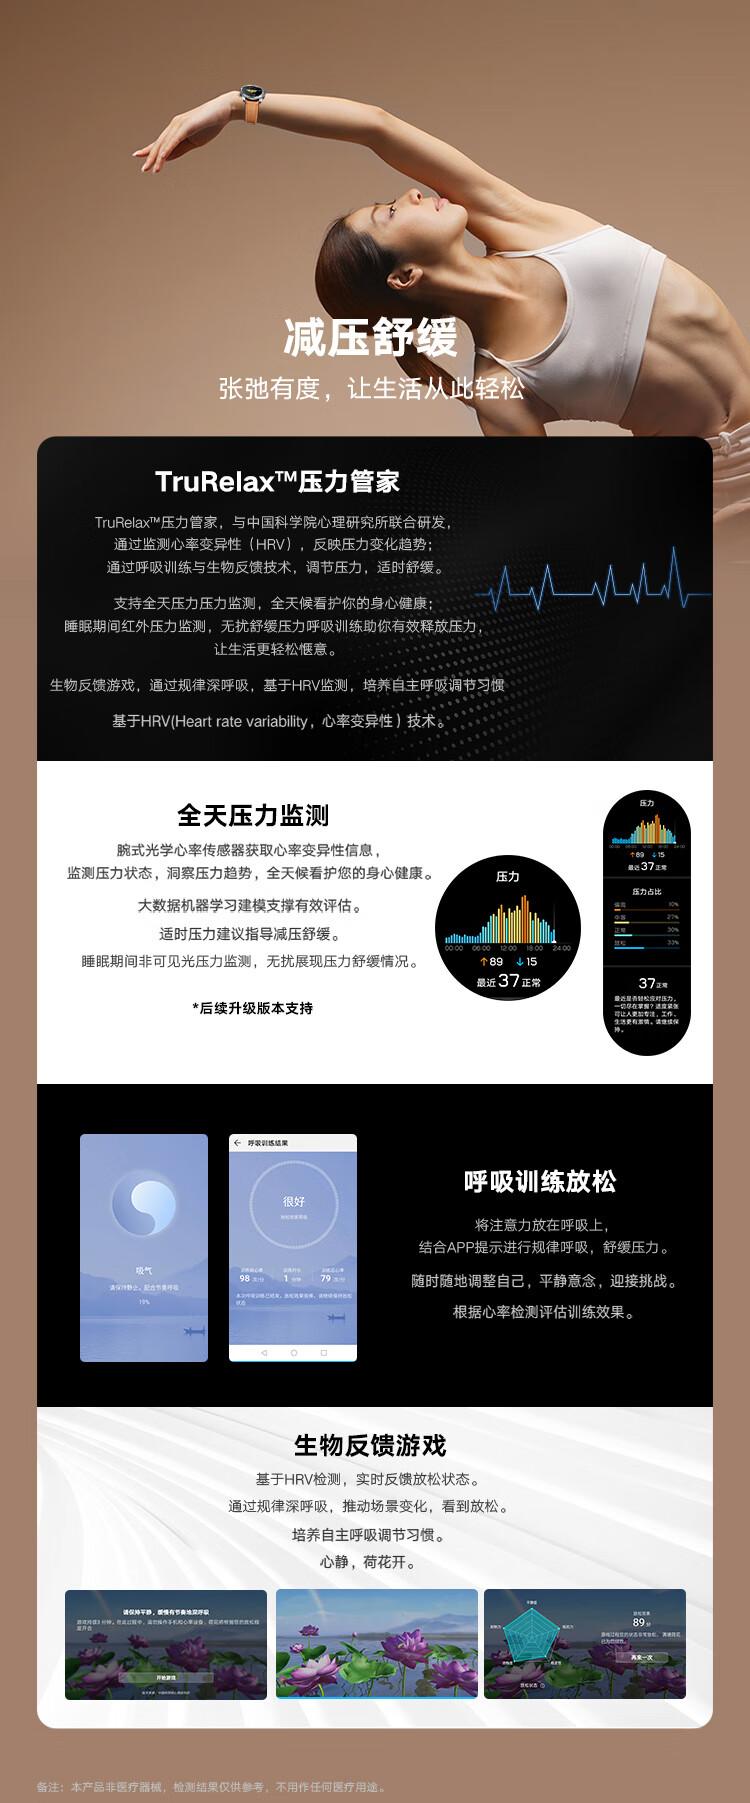 荣耀Talos功能图PC端750_20181101_10.jpg